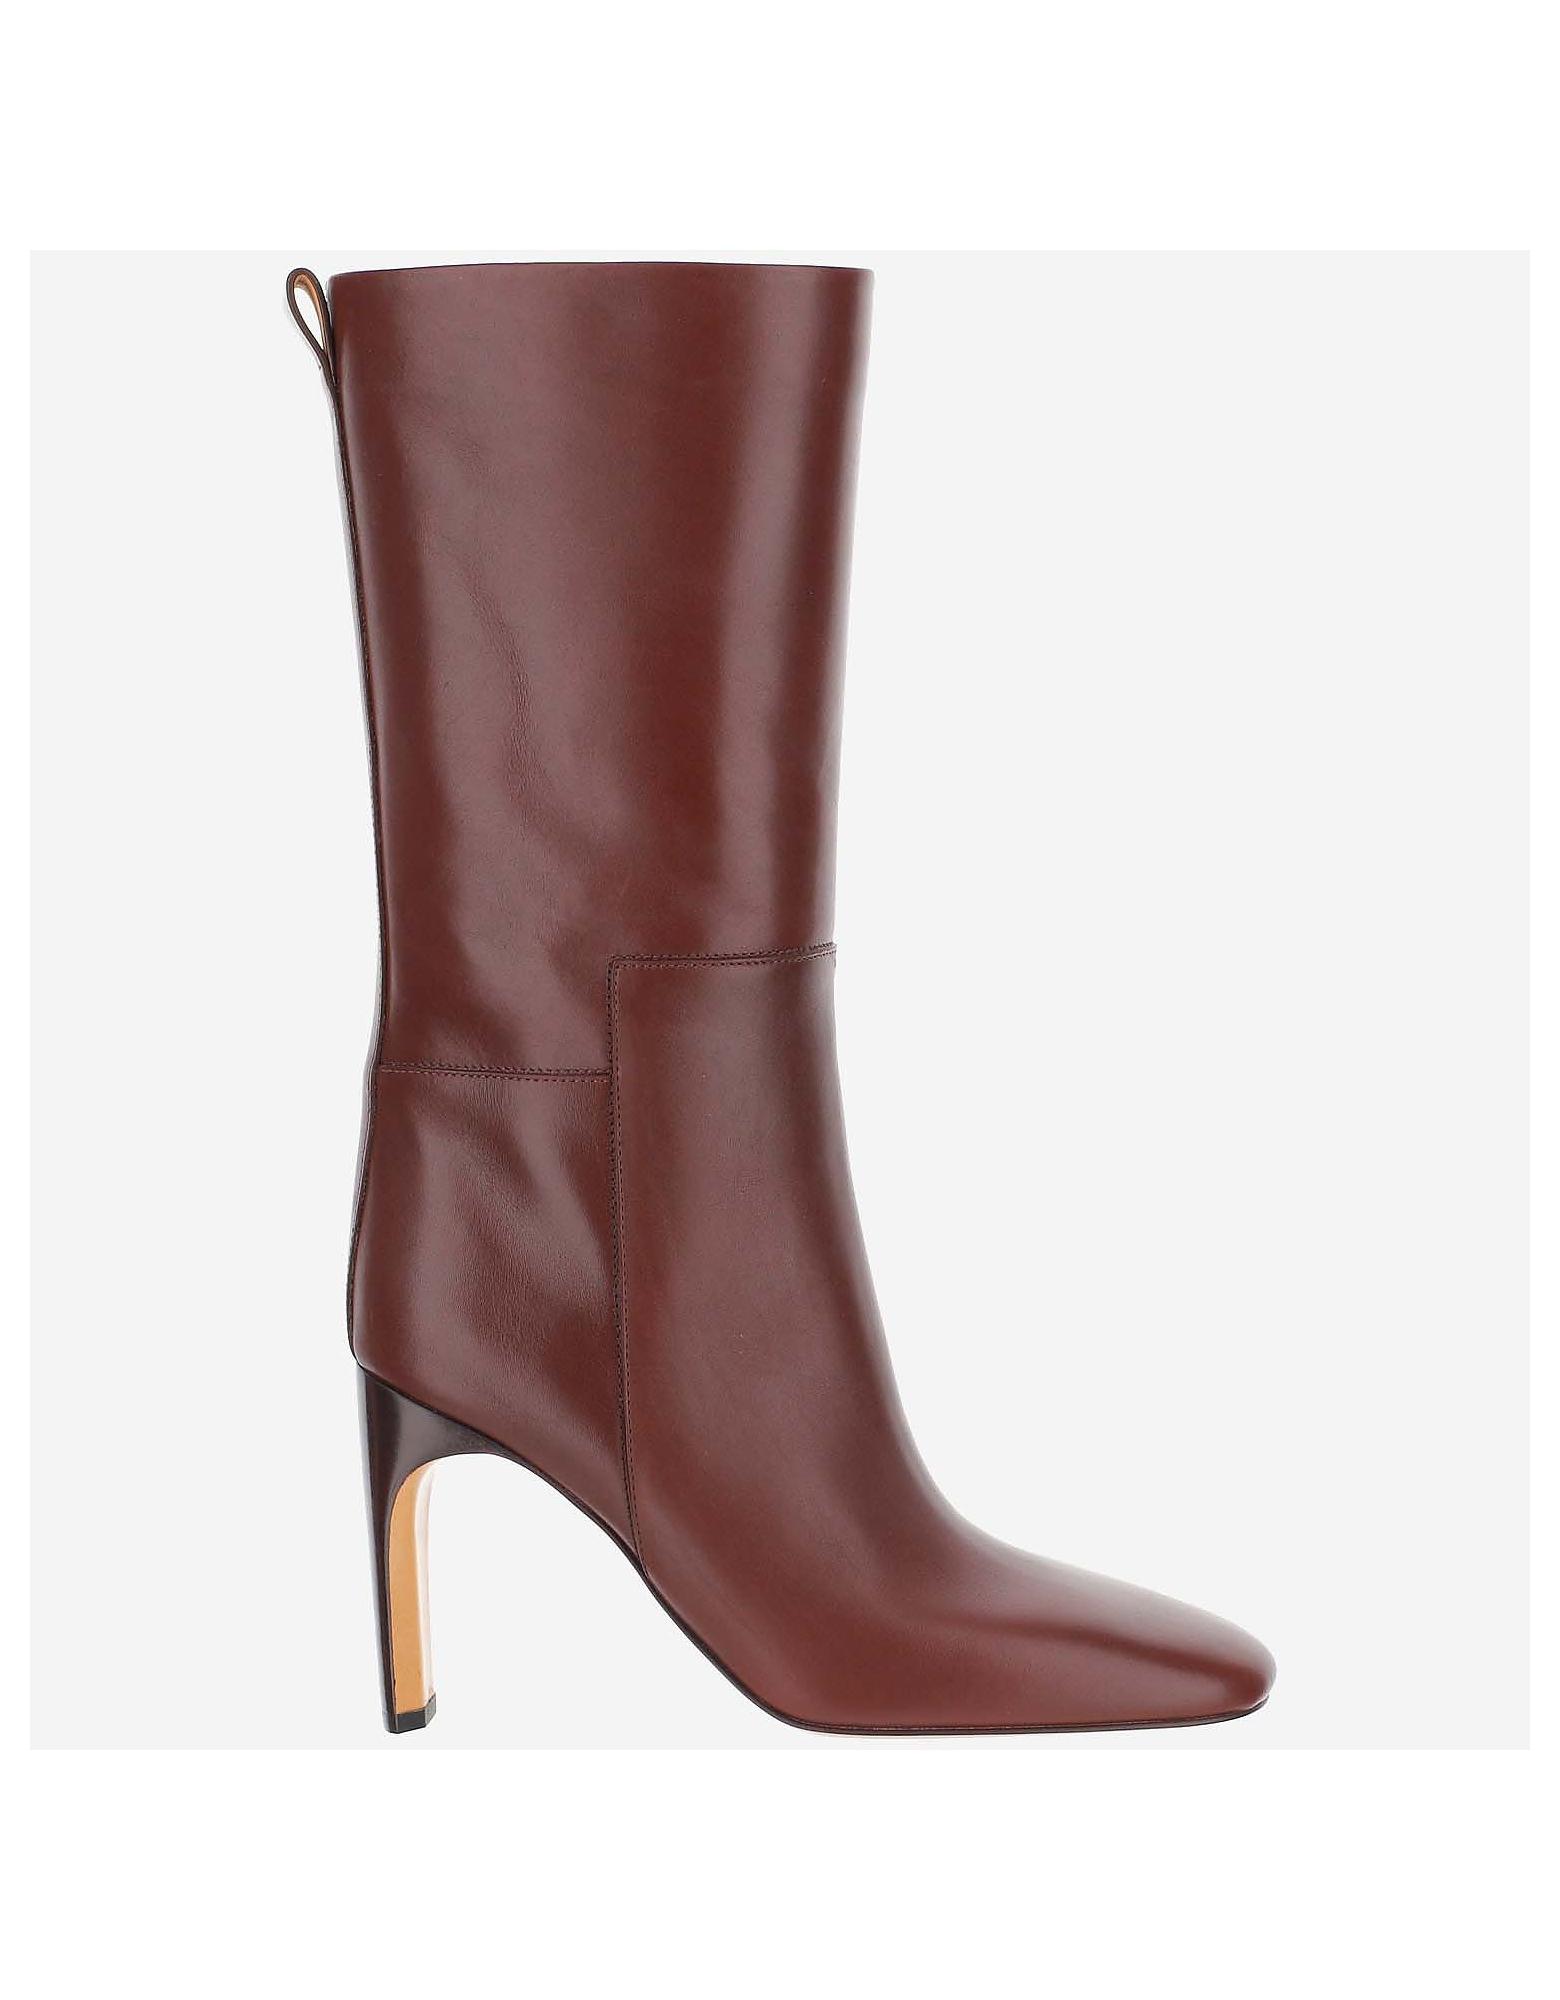 Jil Sander Designer Shoes, Rosso Ankle Boots